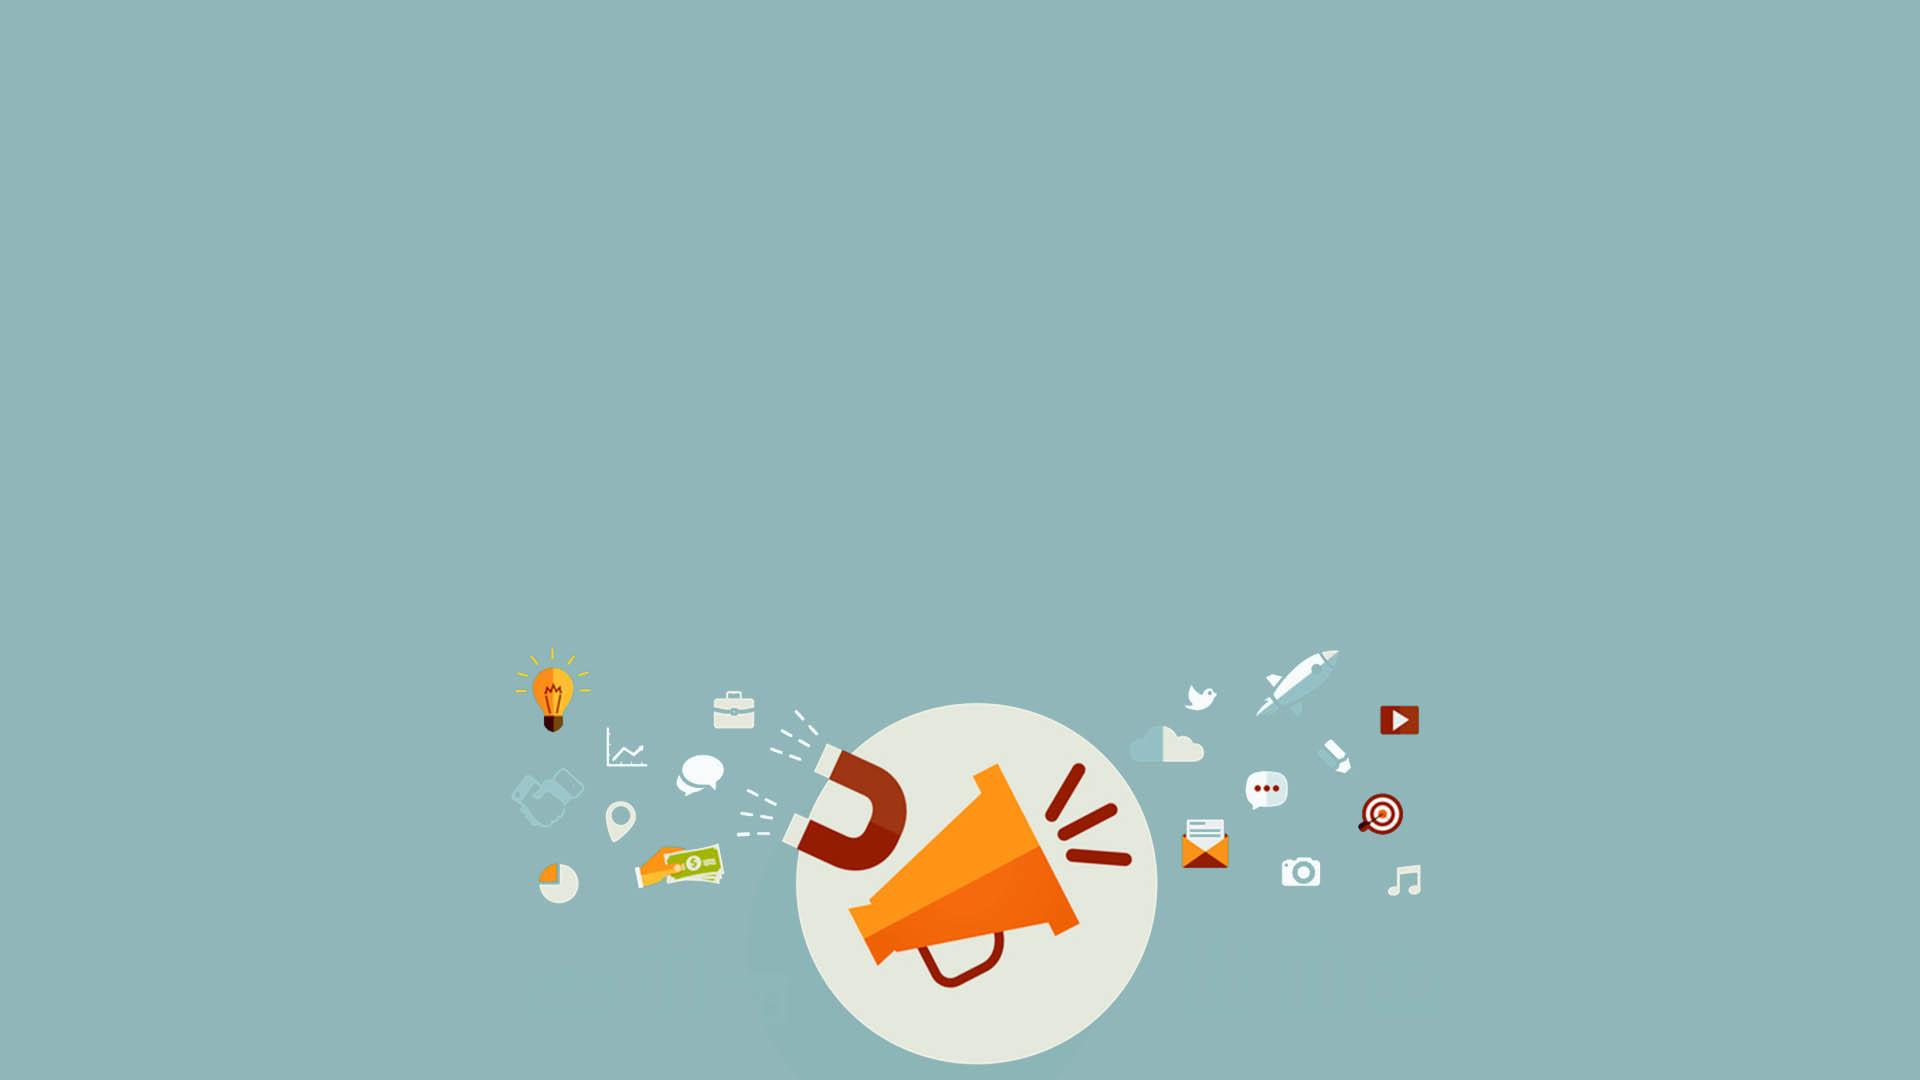 socialista_social_media_management_homepage.jpg